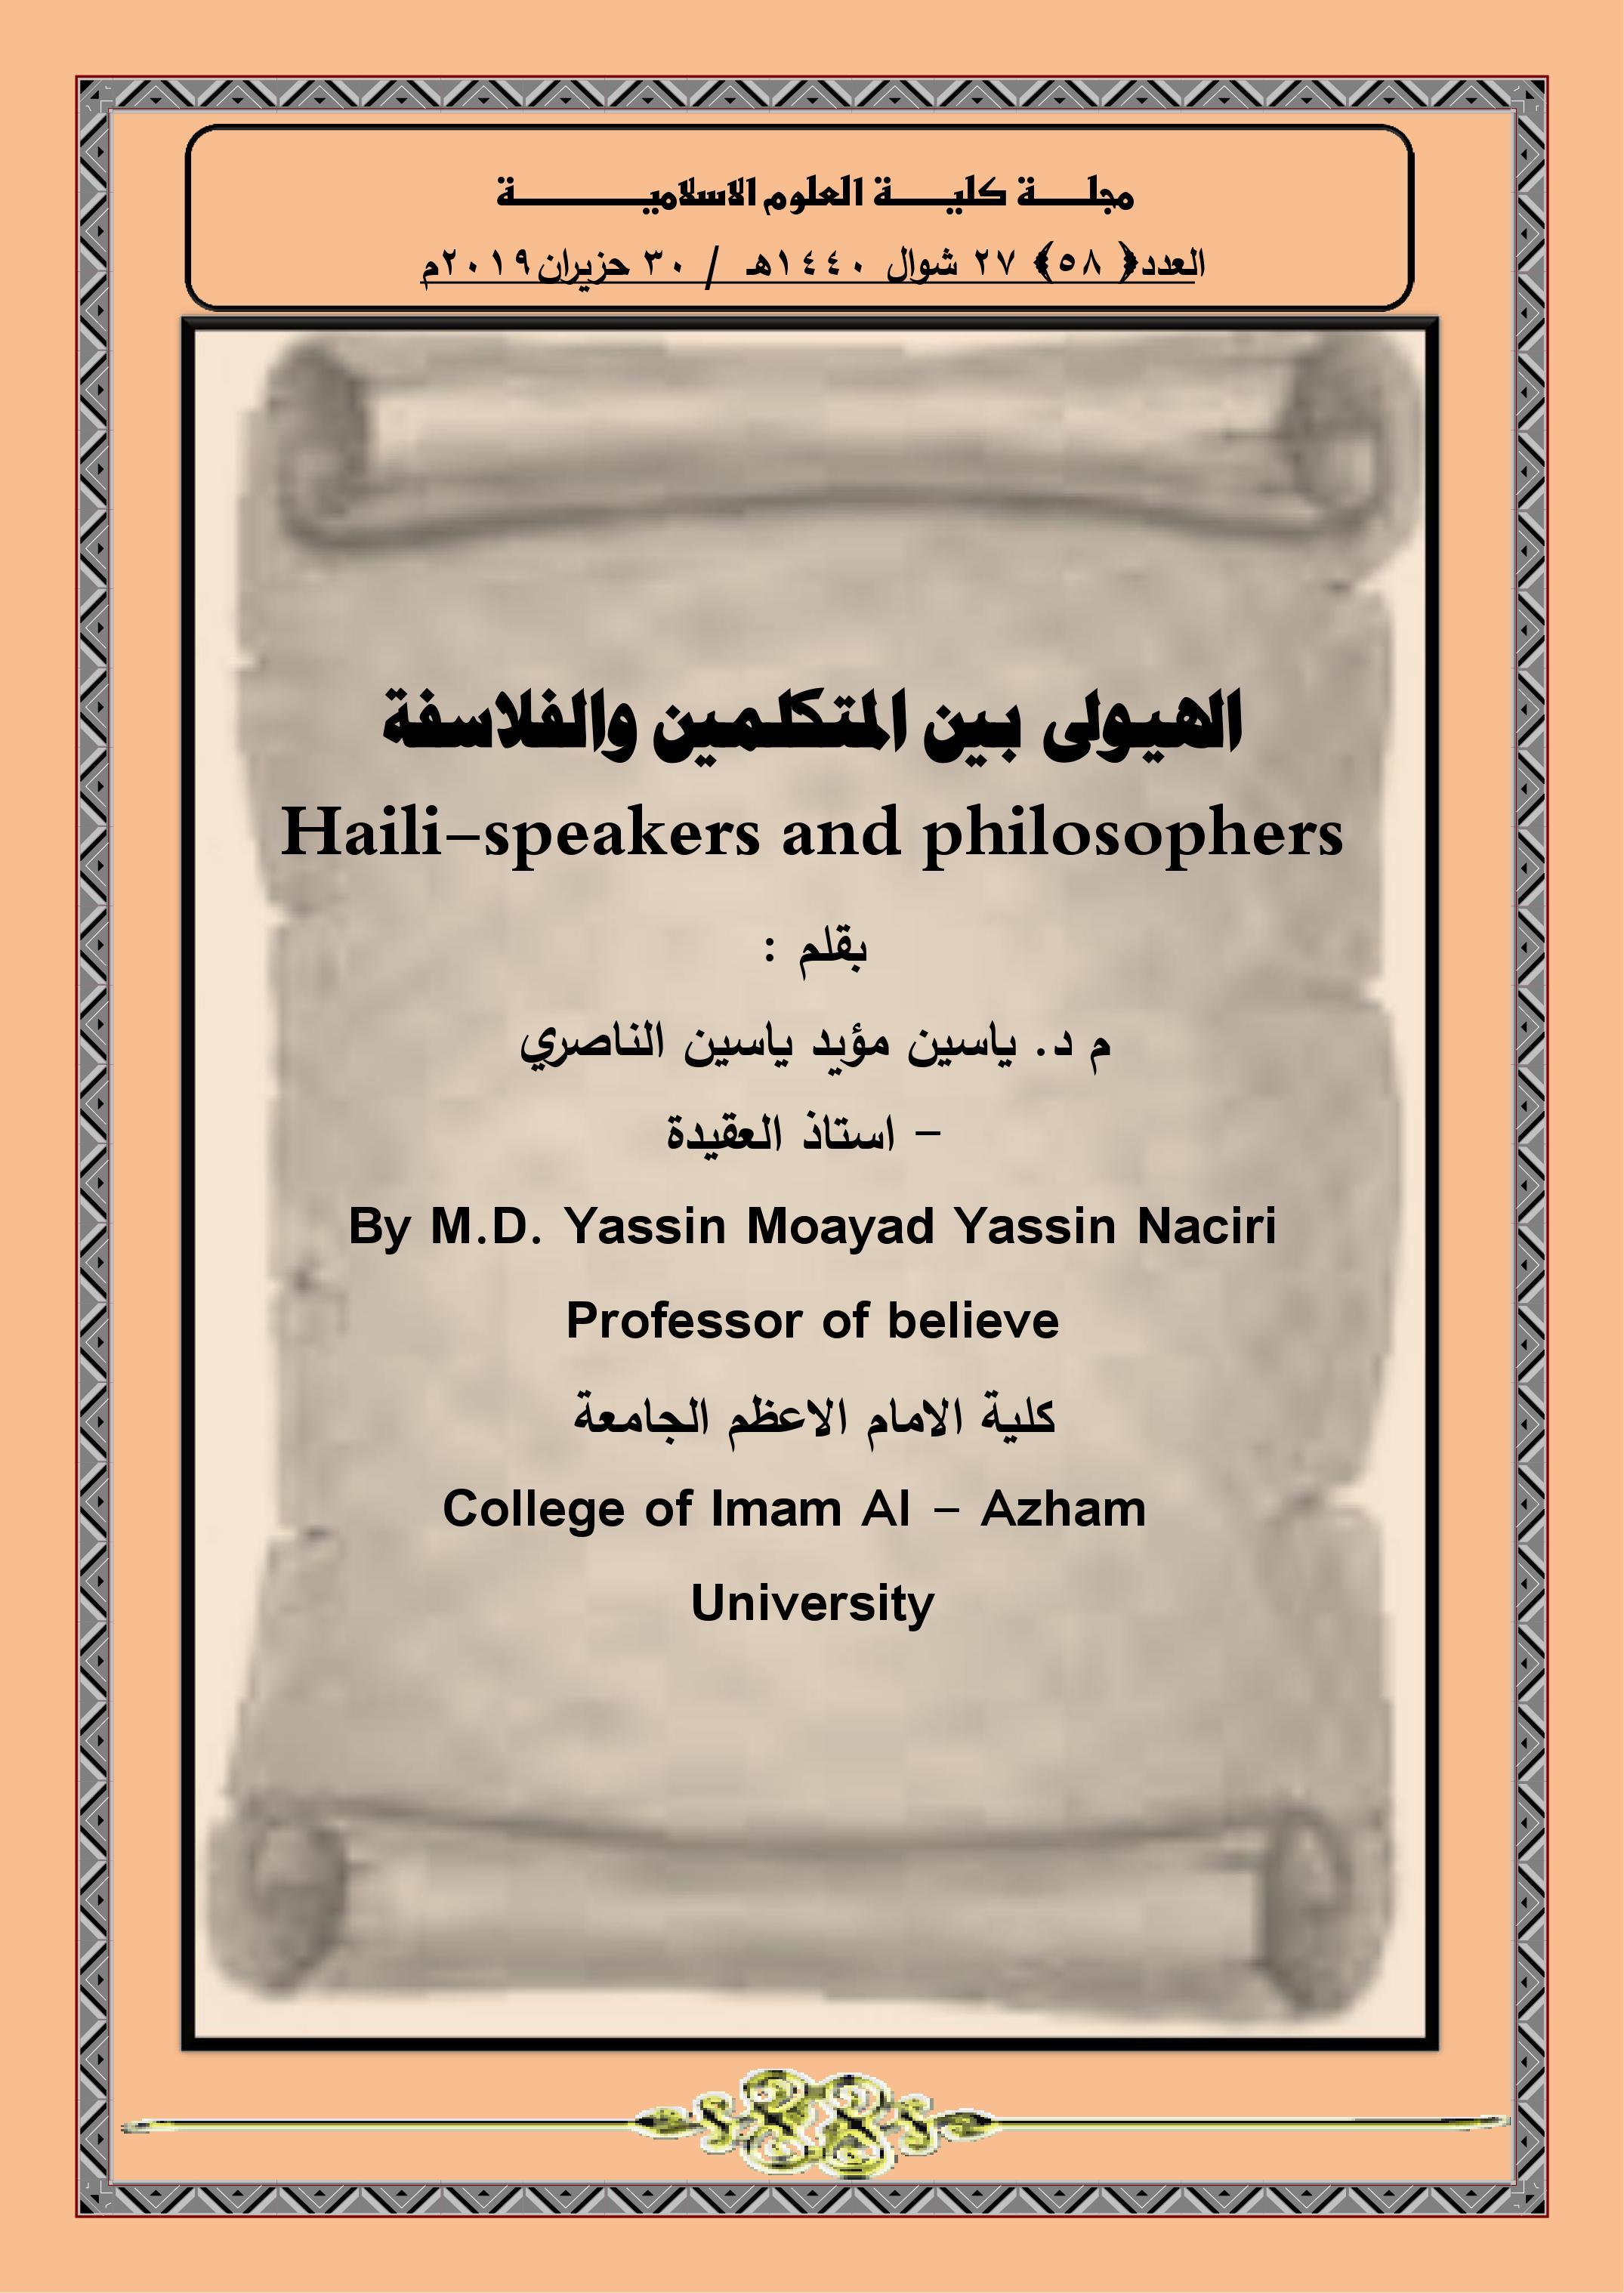 الهيولى بين المتكلمين والفلاسفة